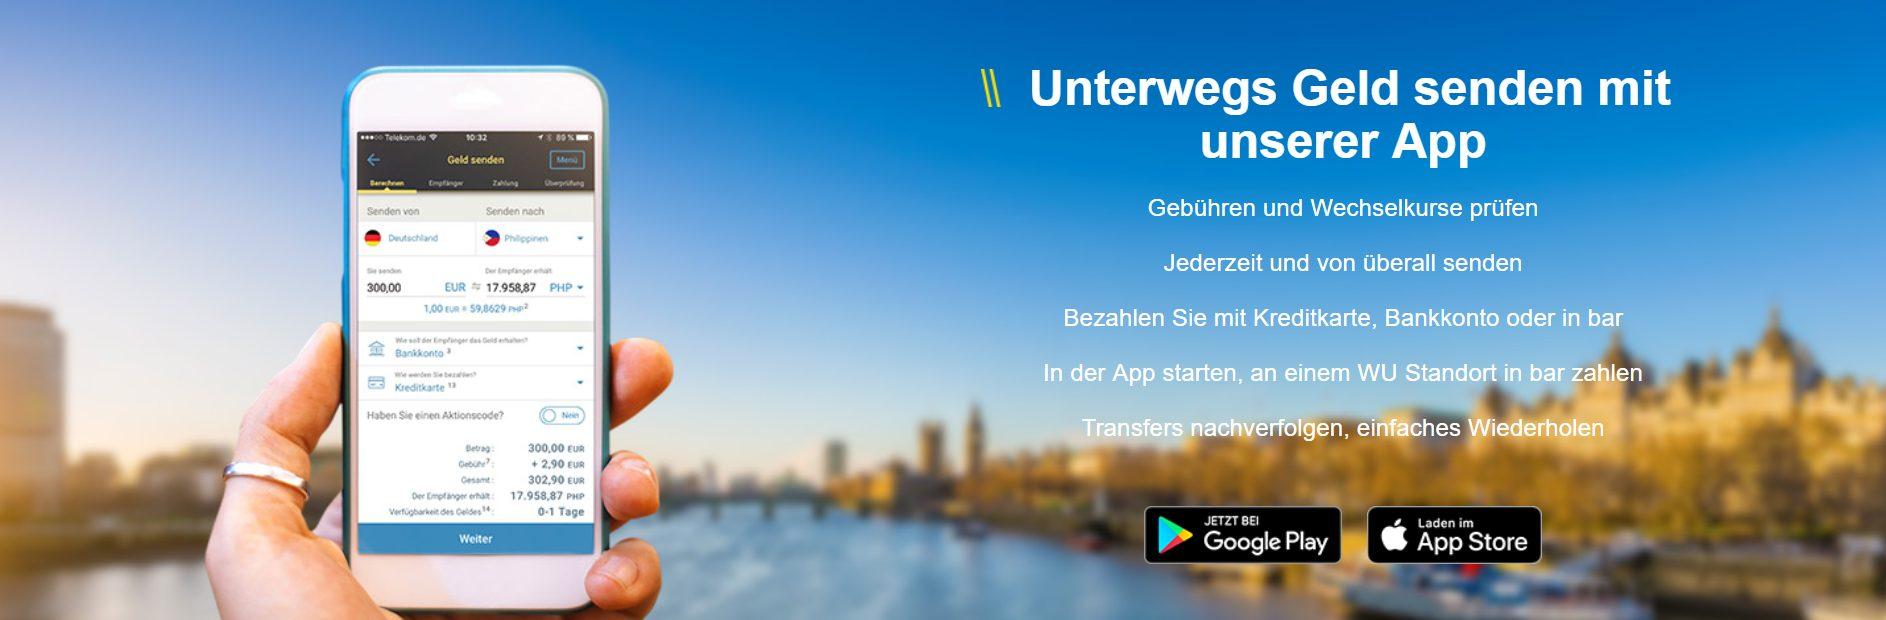 Western Union bietet eine App an um auch unterwegs Geld senden zu können